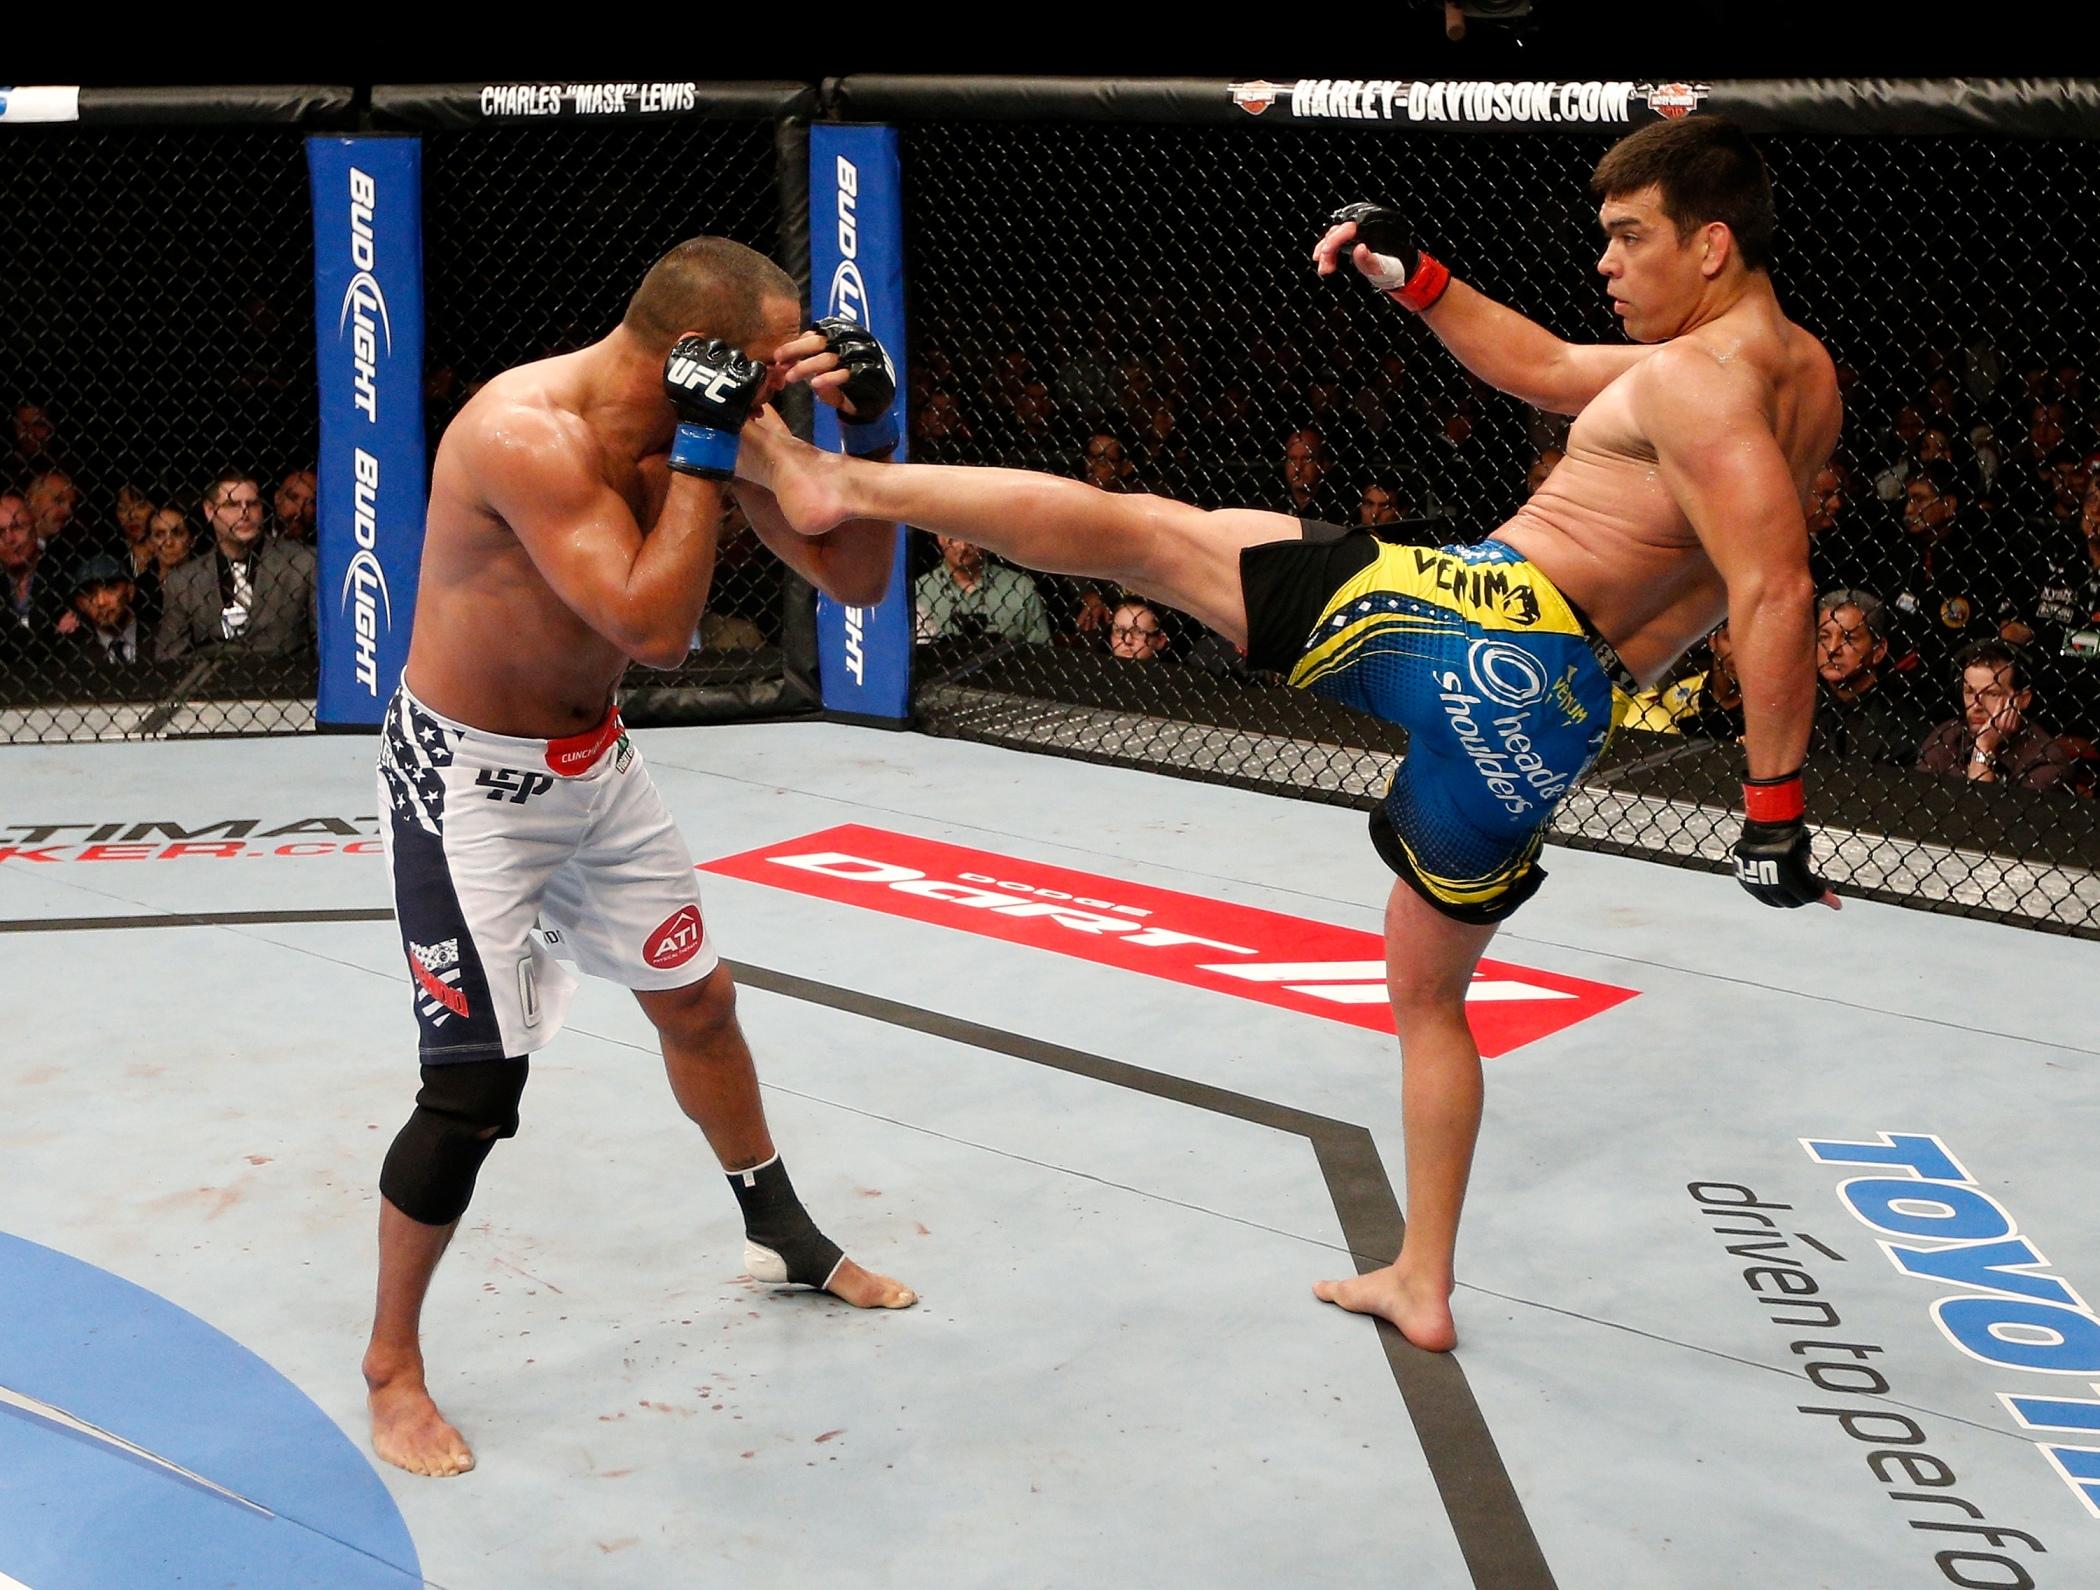 Lyoto aplica um chute alto em Dan Henderson e leva a vitória na decisão dos jurados. Foto: UFC/Divulgação